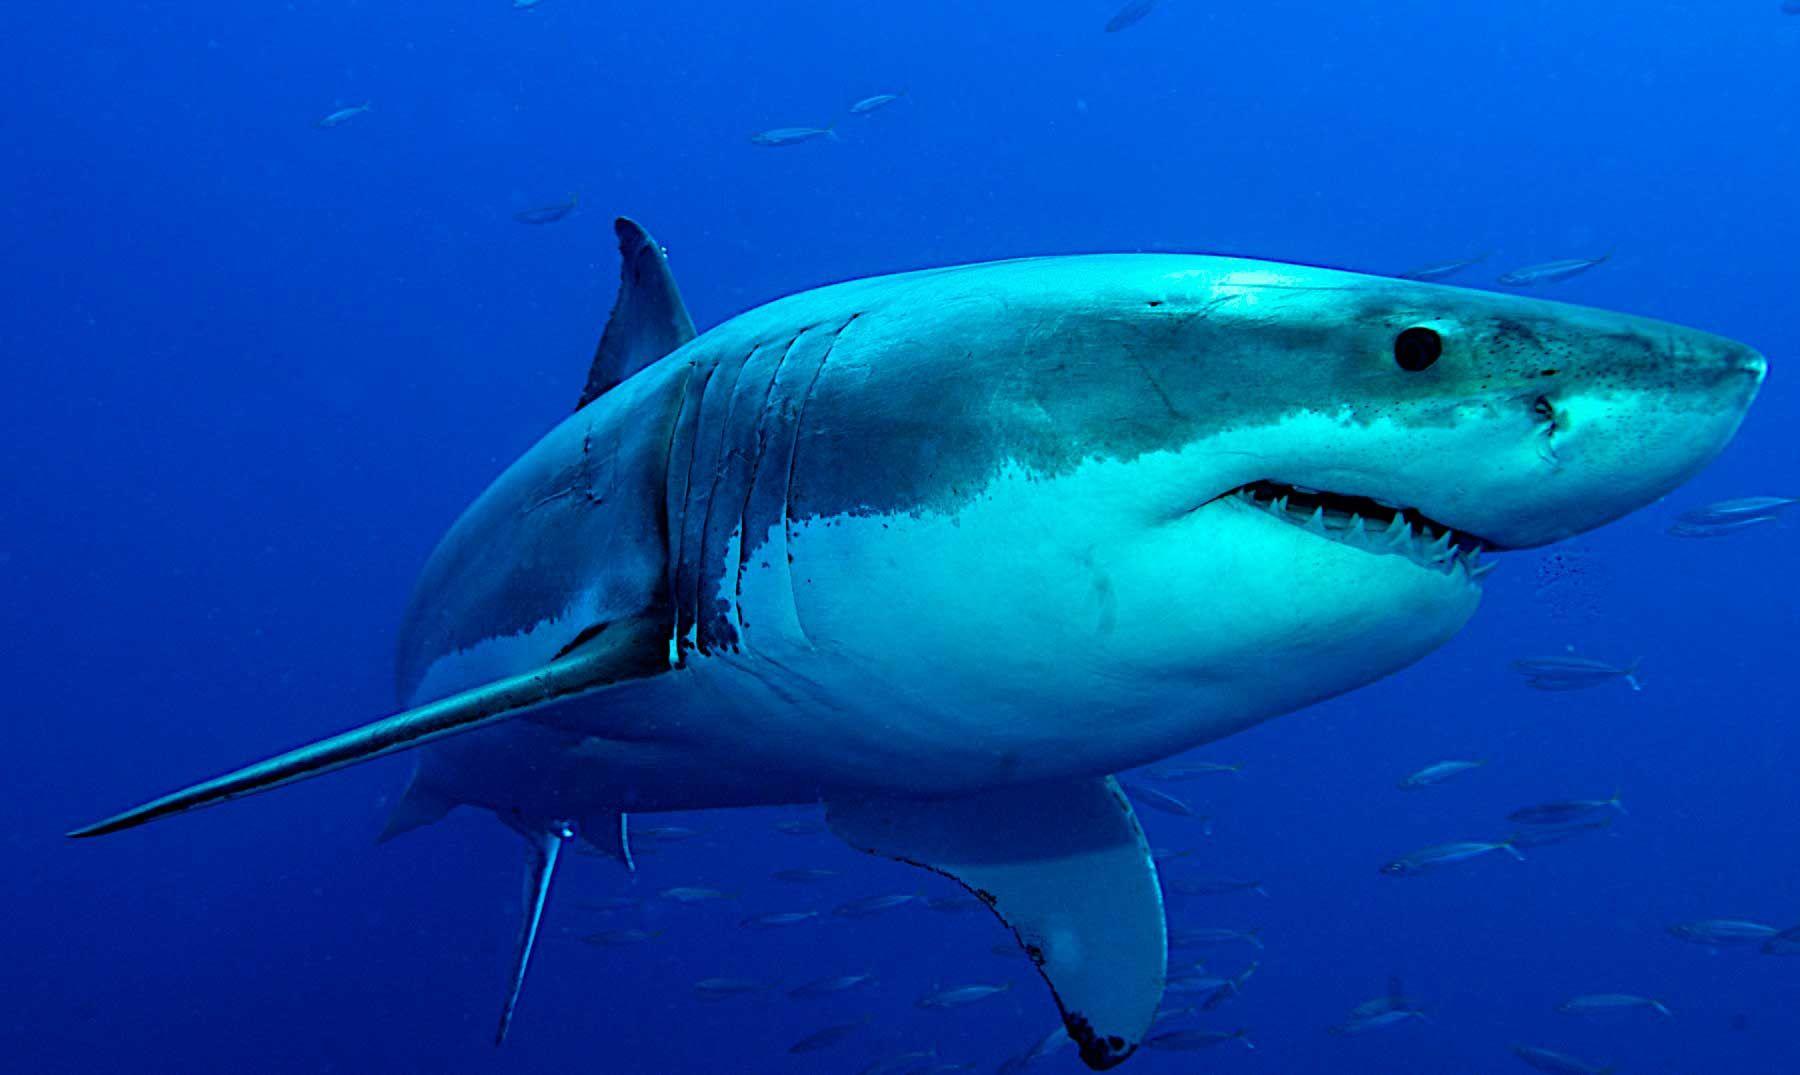 El tiburón blanco es una especie de pez cartilaginoso lamniforme de ...